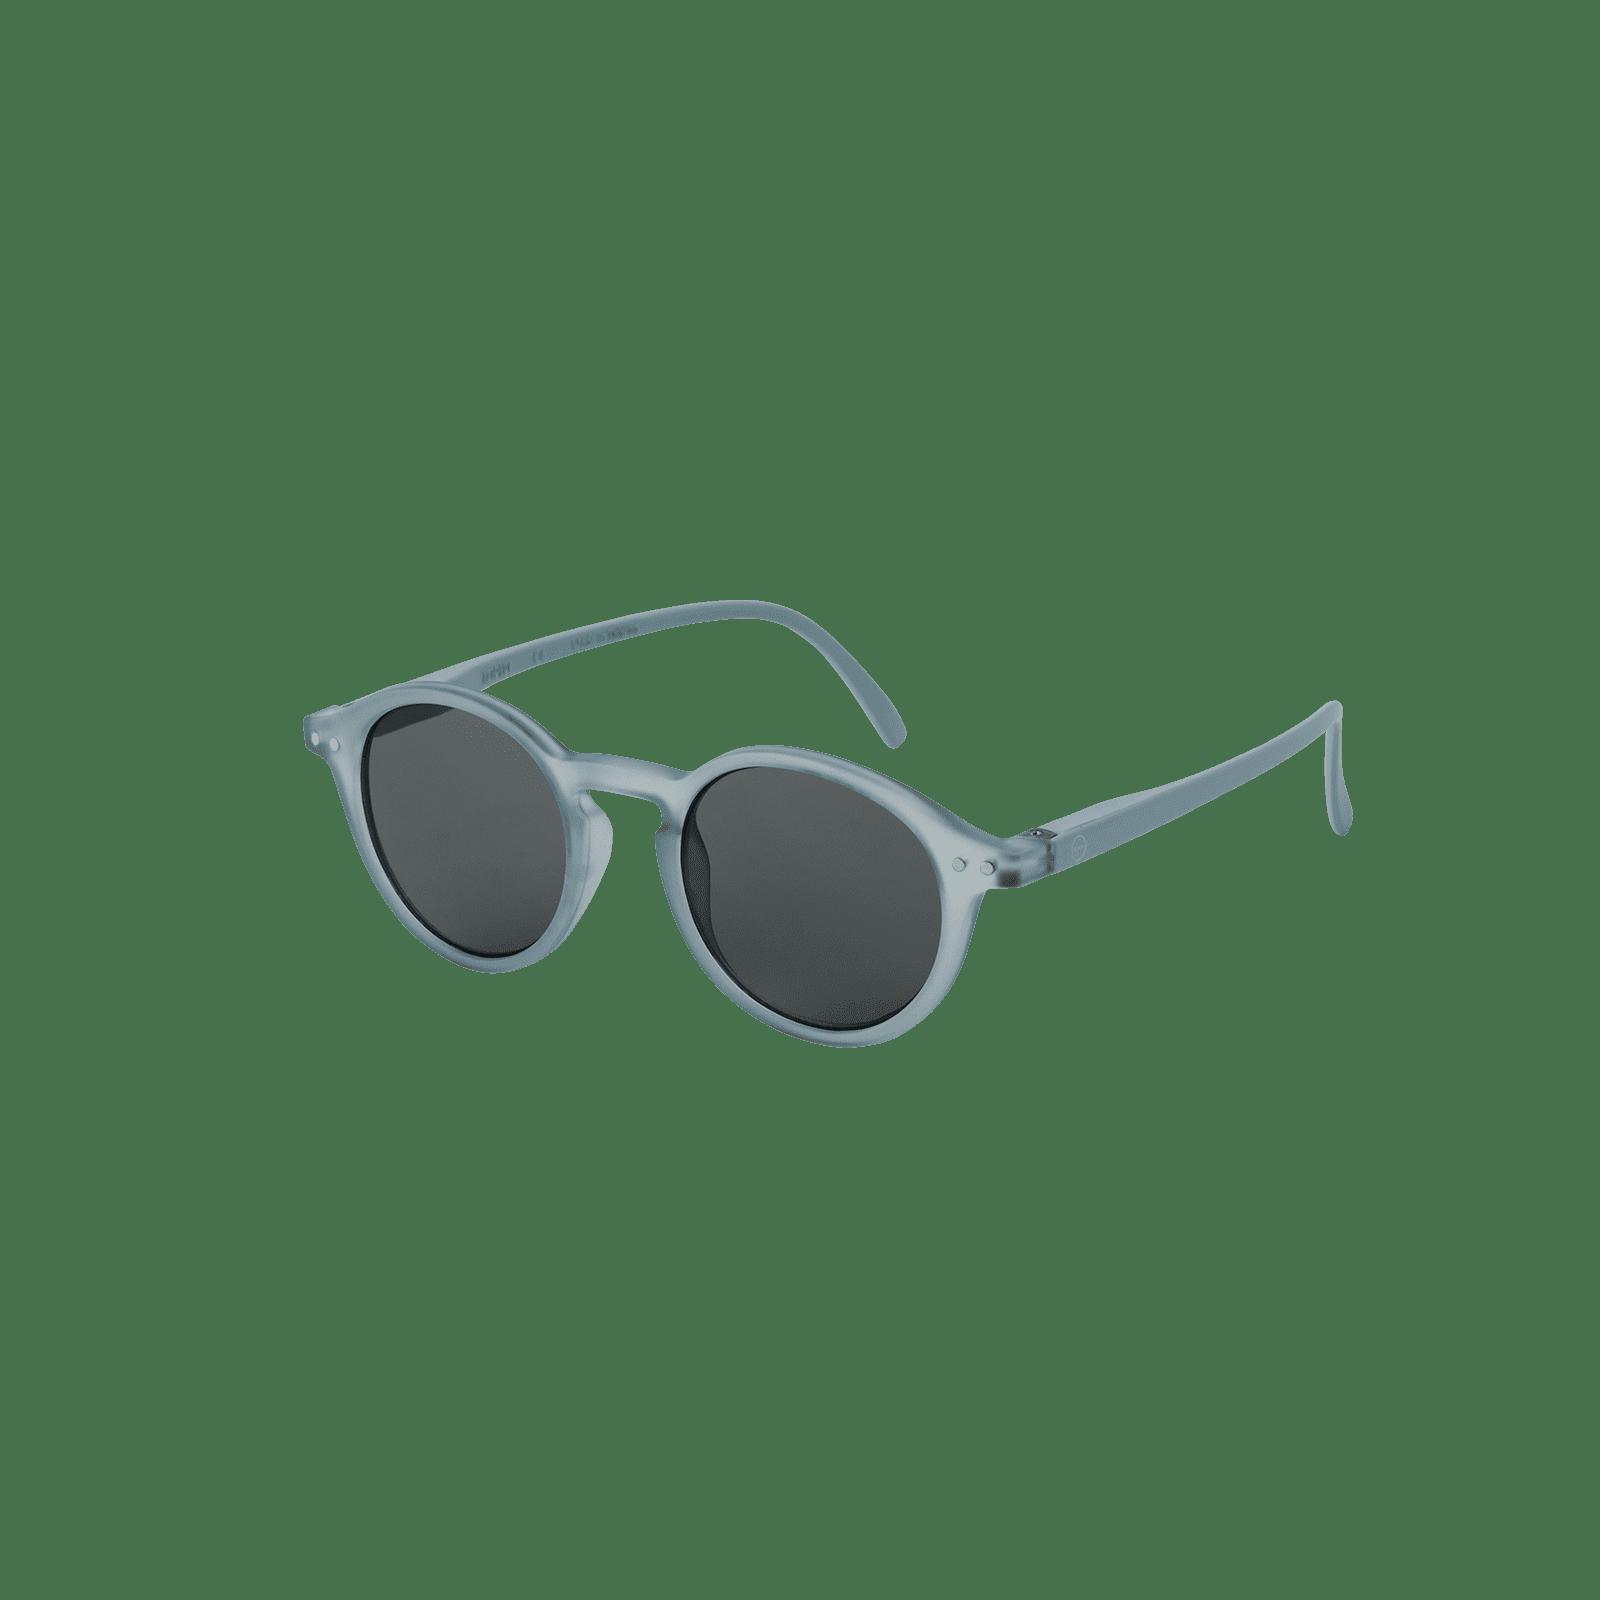 マールマール サングラス IZIPIZI sunglasses 1 blue kids